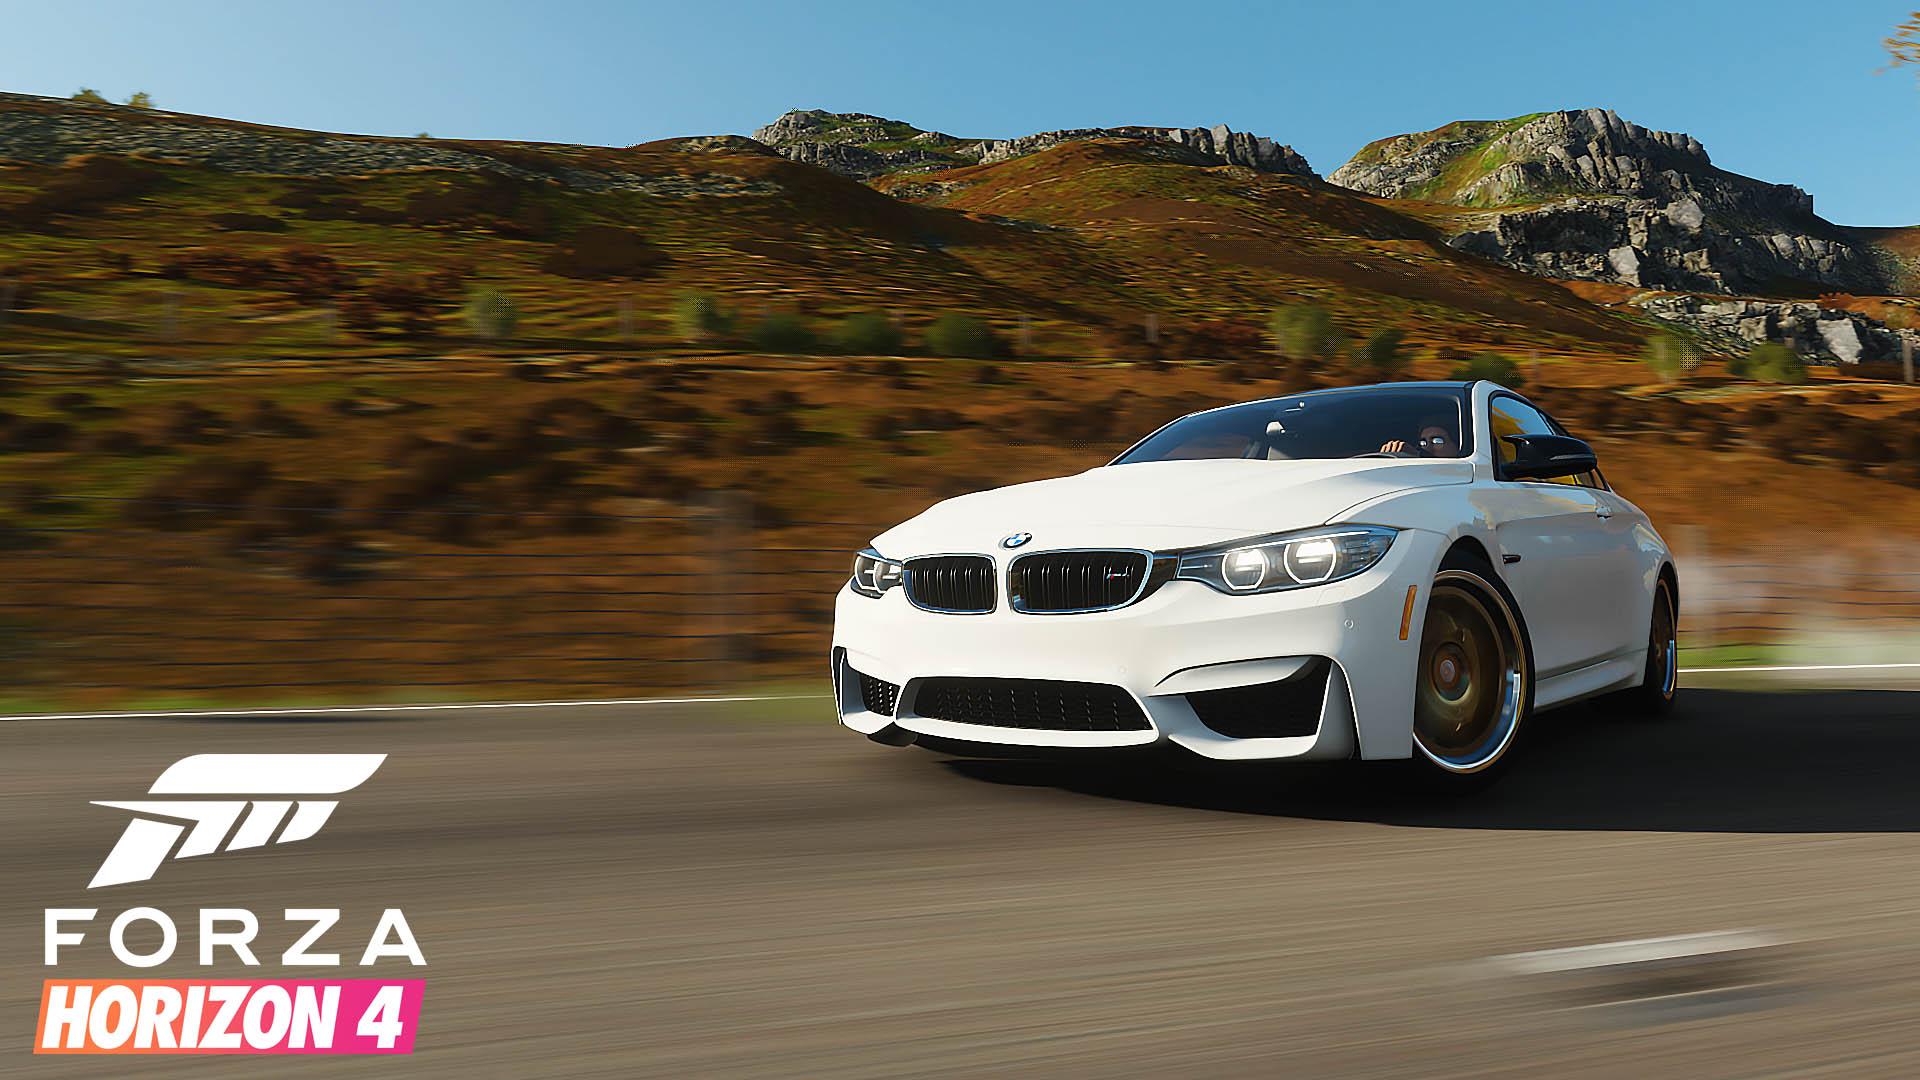 Forza Series 29 Autumn